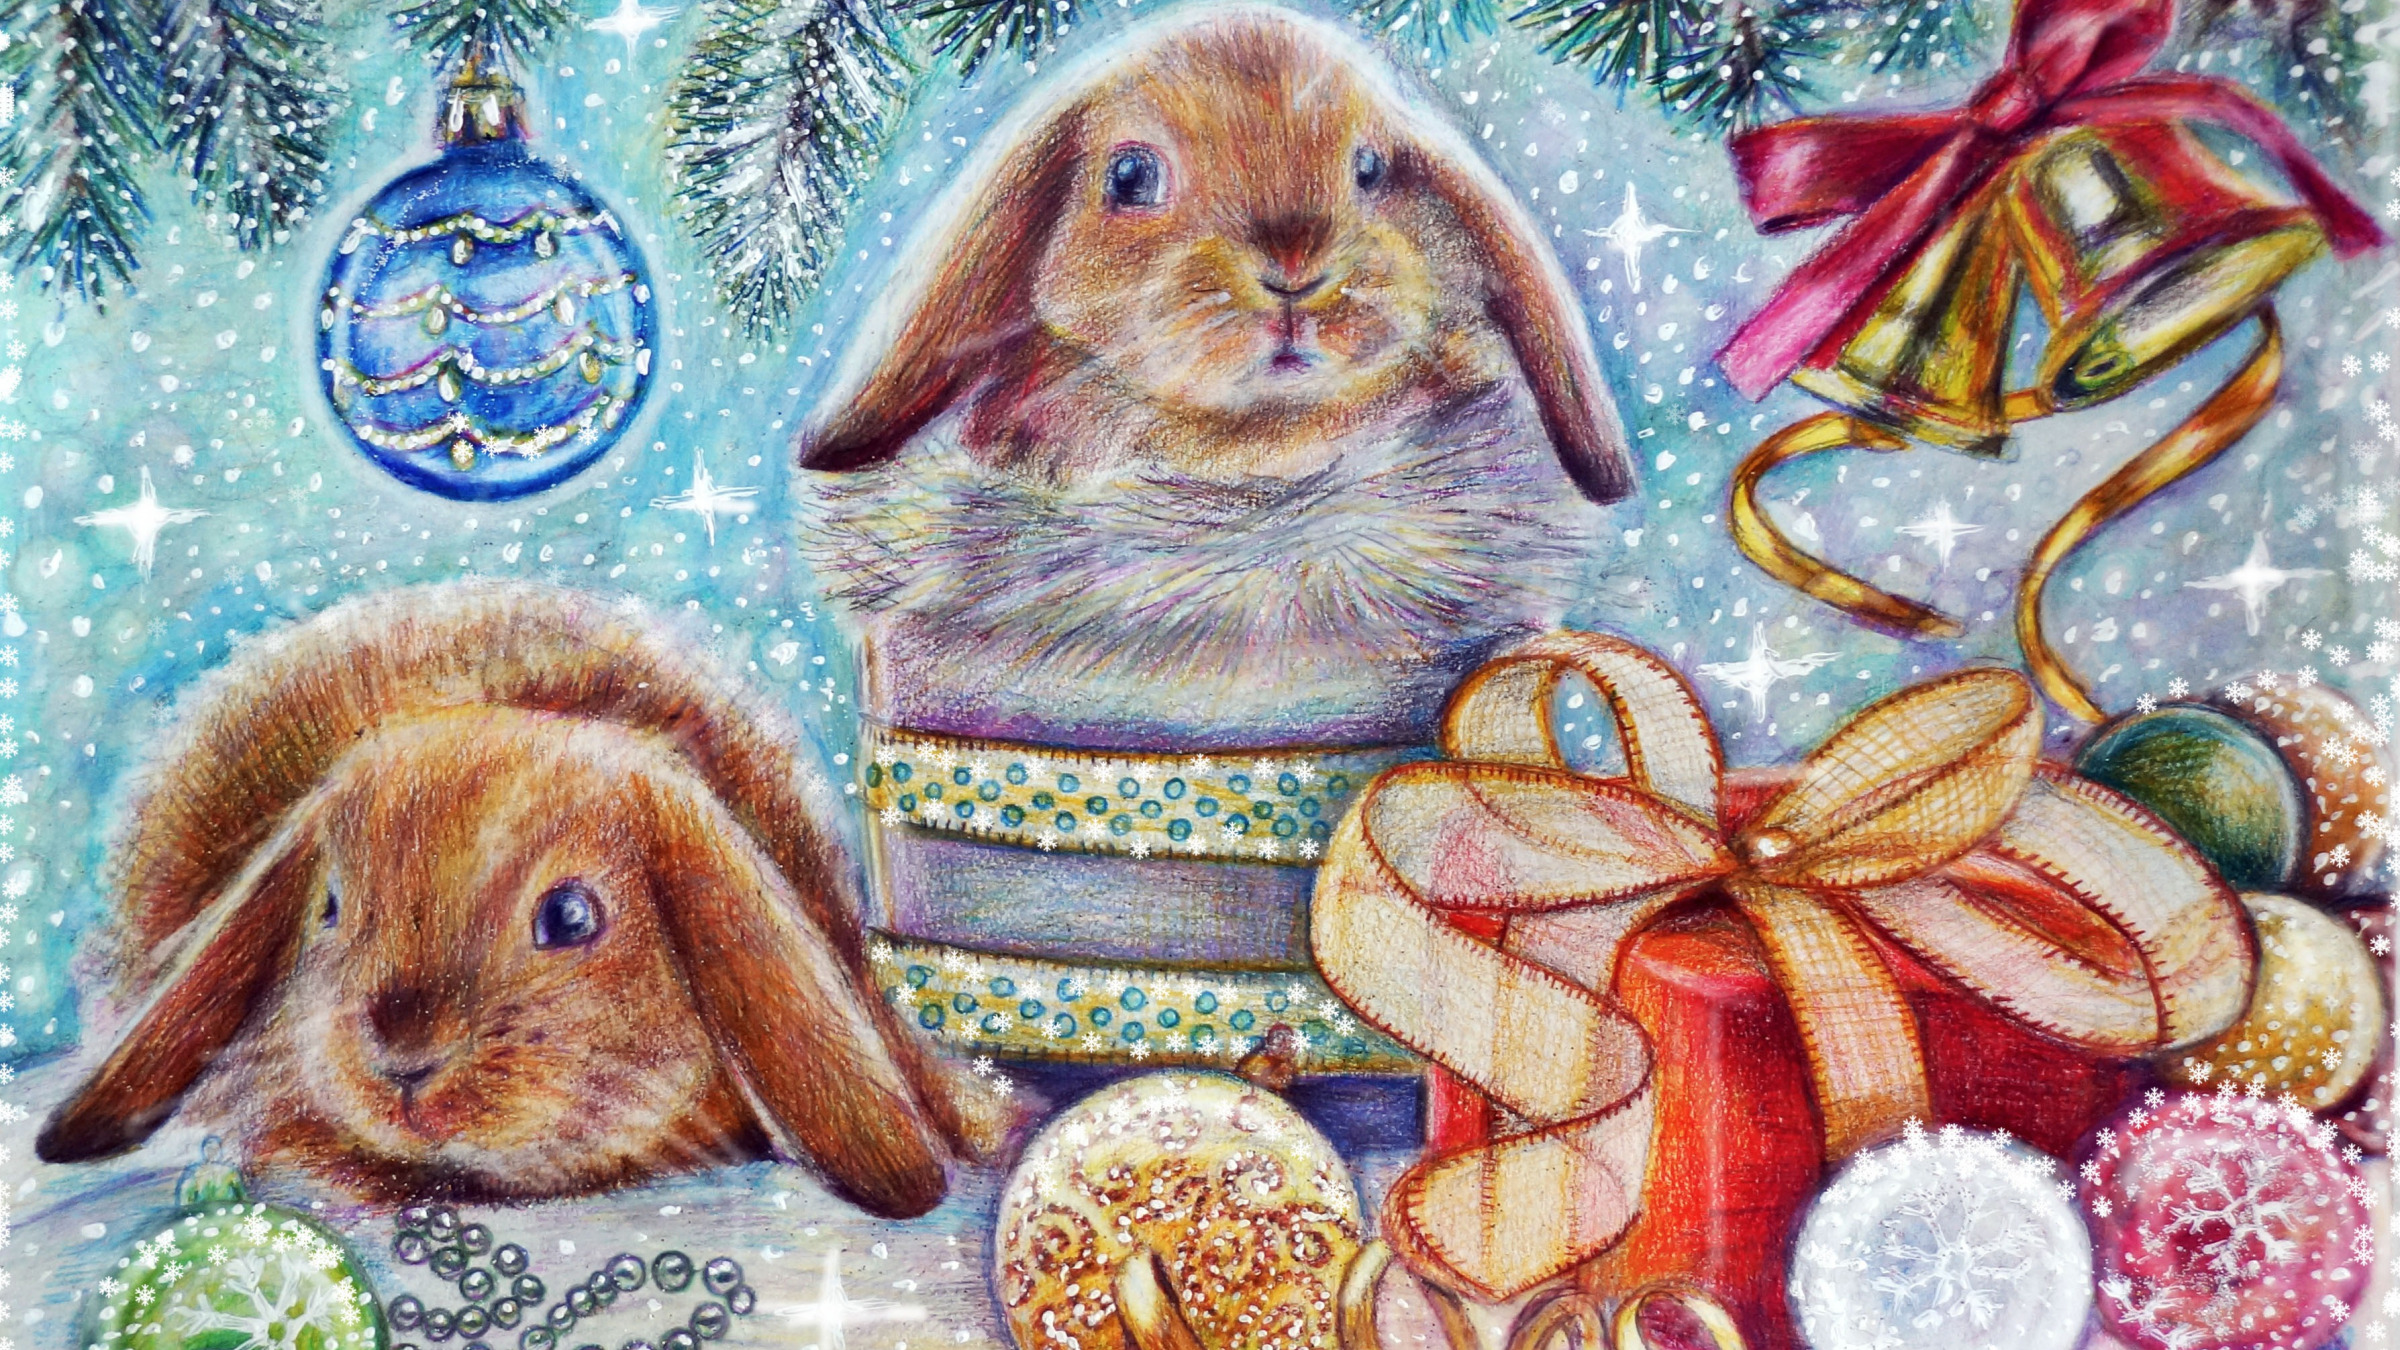 Лучшему другу, открытка новогодняя с животными